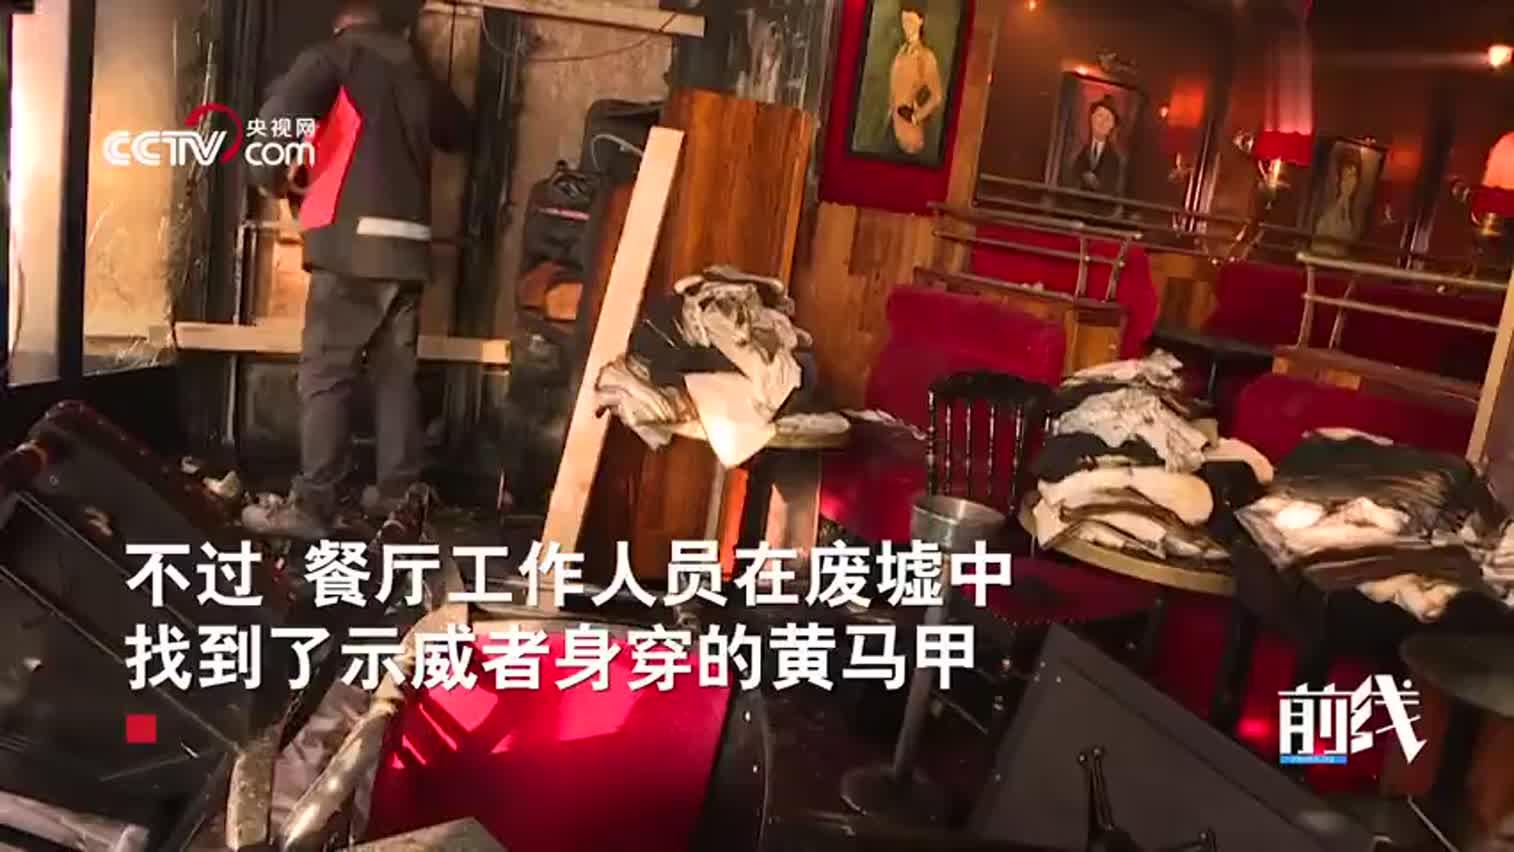 马克龙常来光顾的餐厅 疑遭示威者纵火